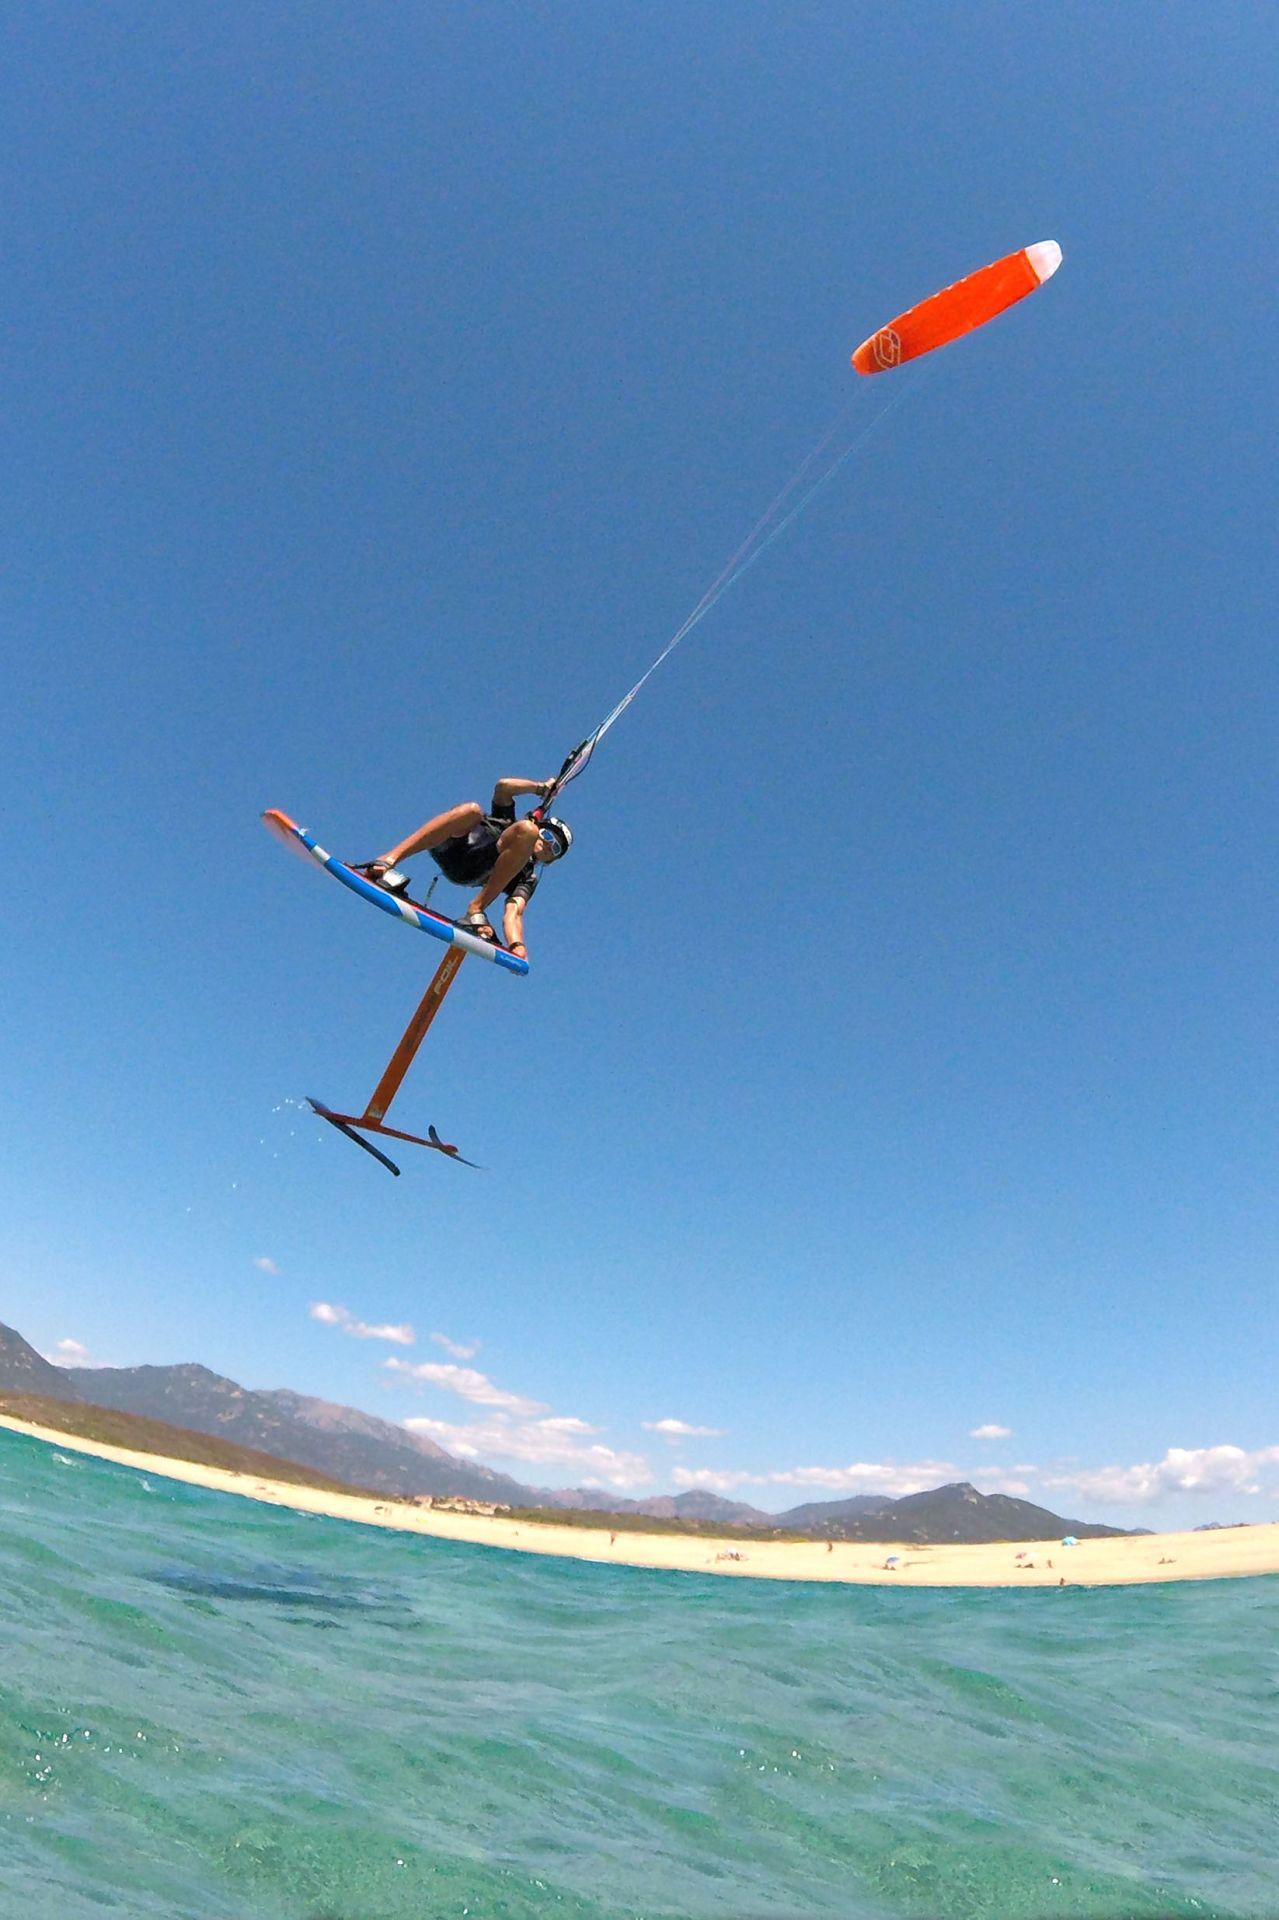 Kitefoil alpinefoil access v2 rx v5s 5 1